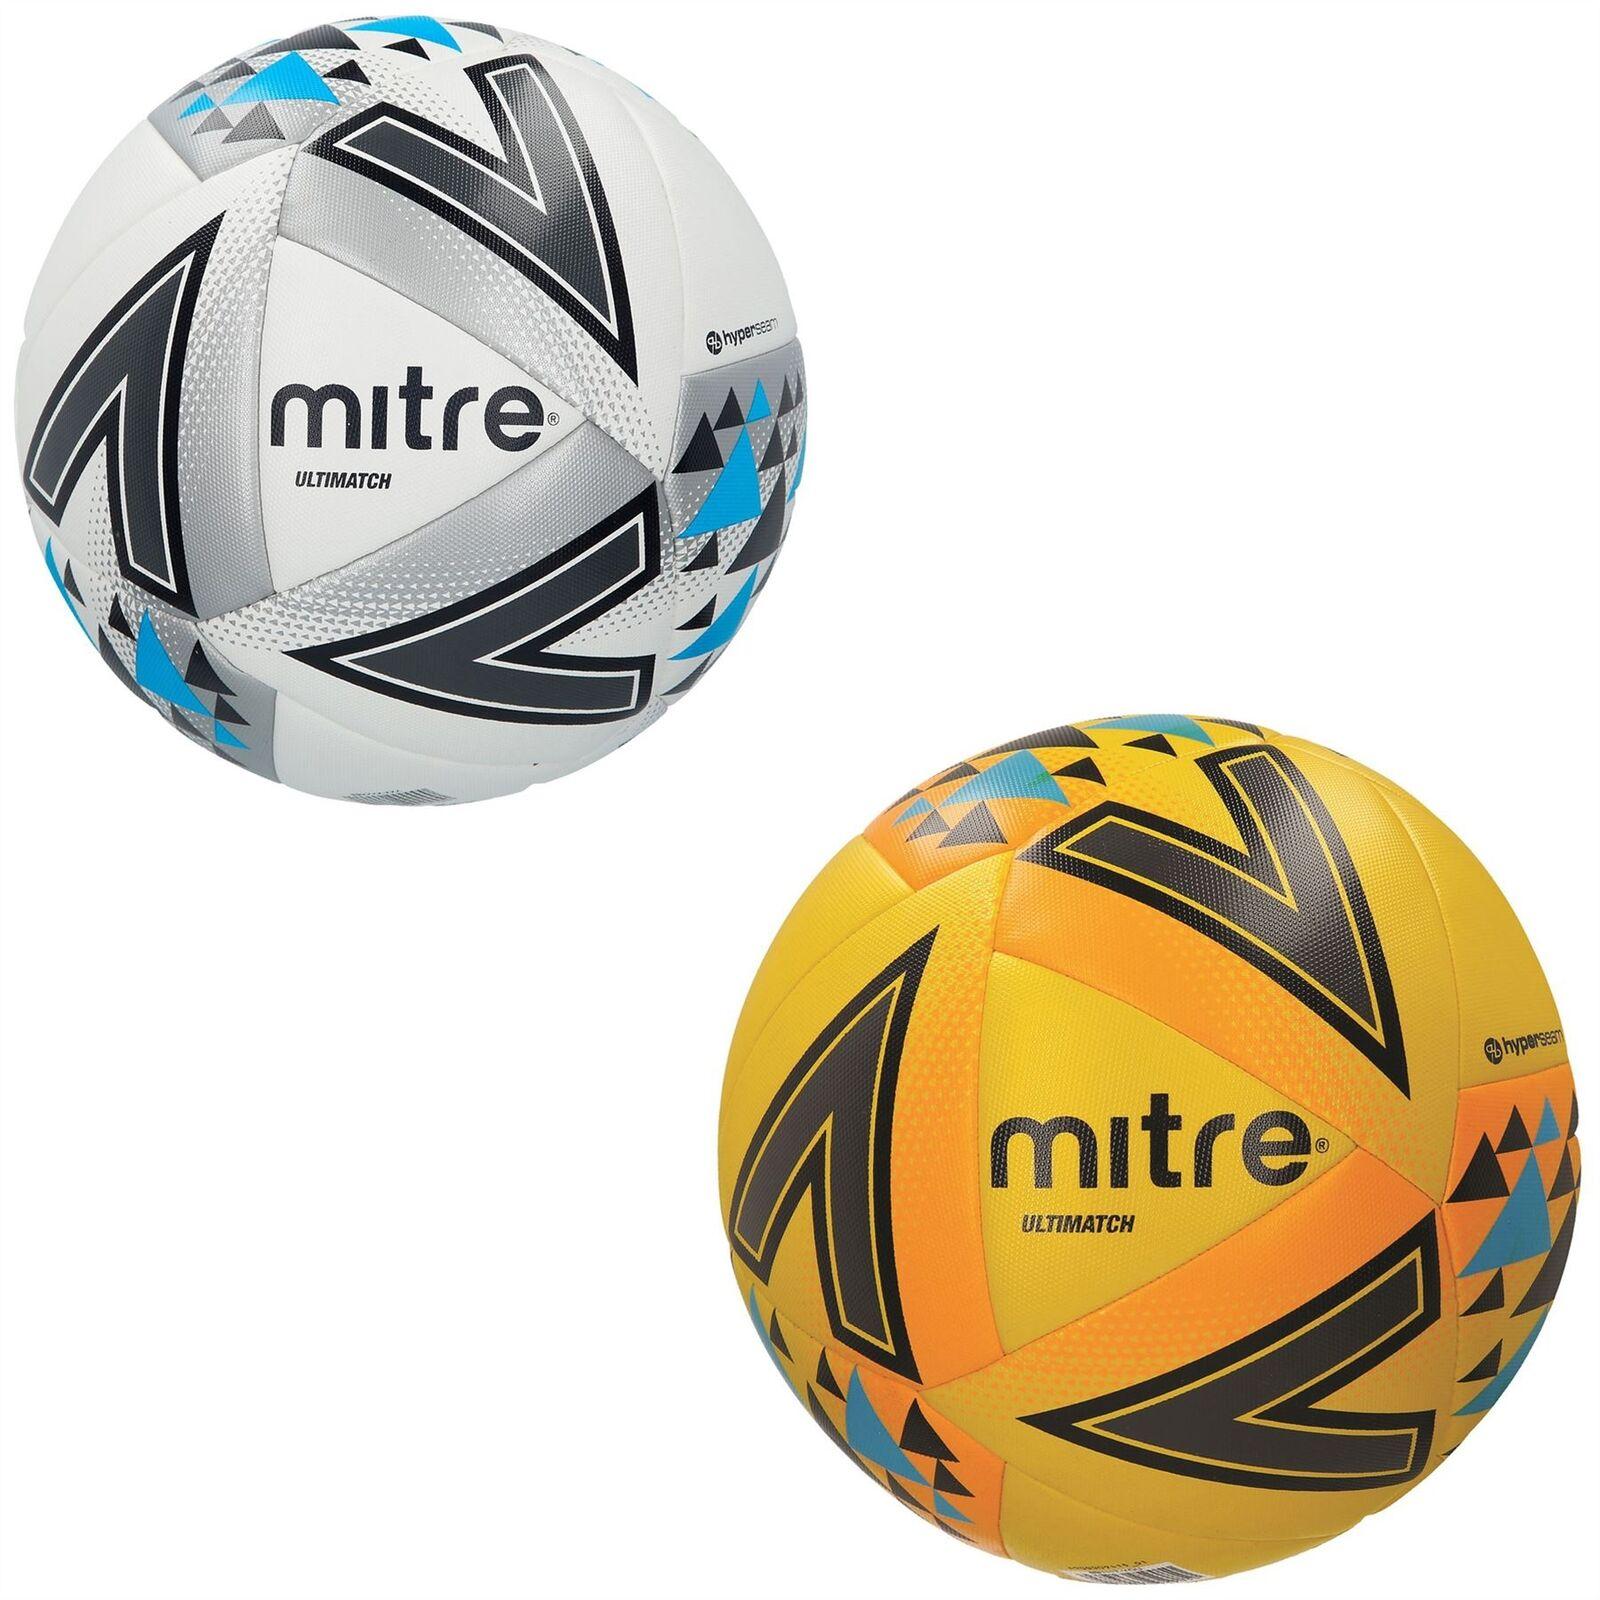 Mitre Ultimatch Hyperseam Football Soccer Ball